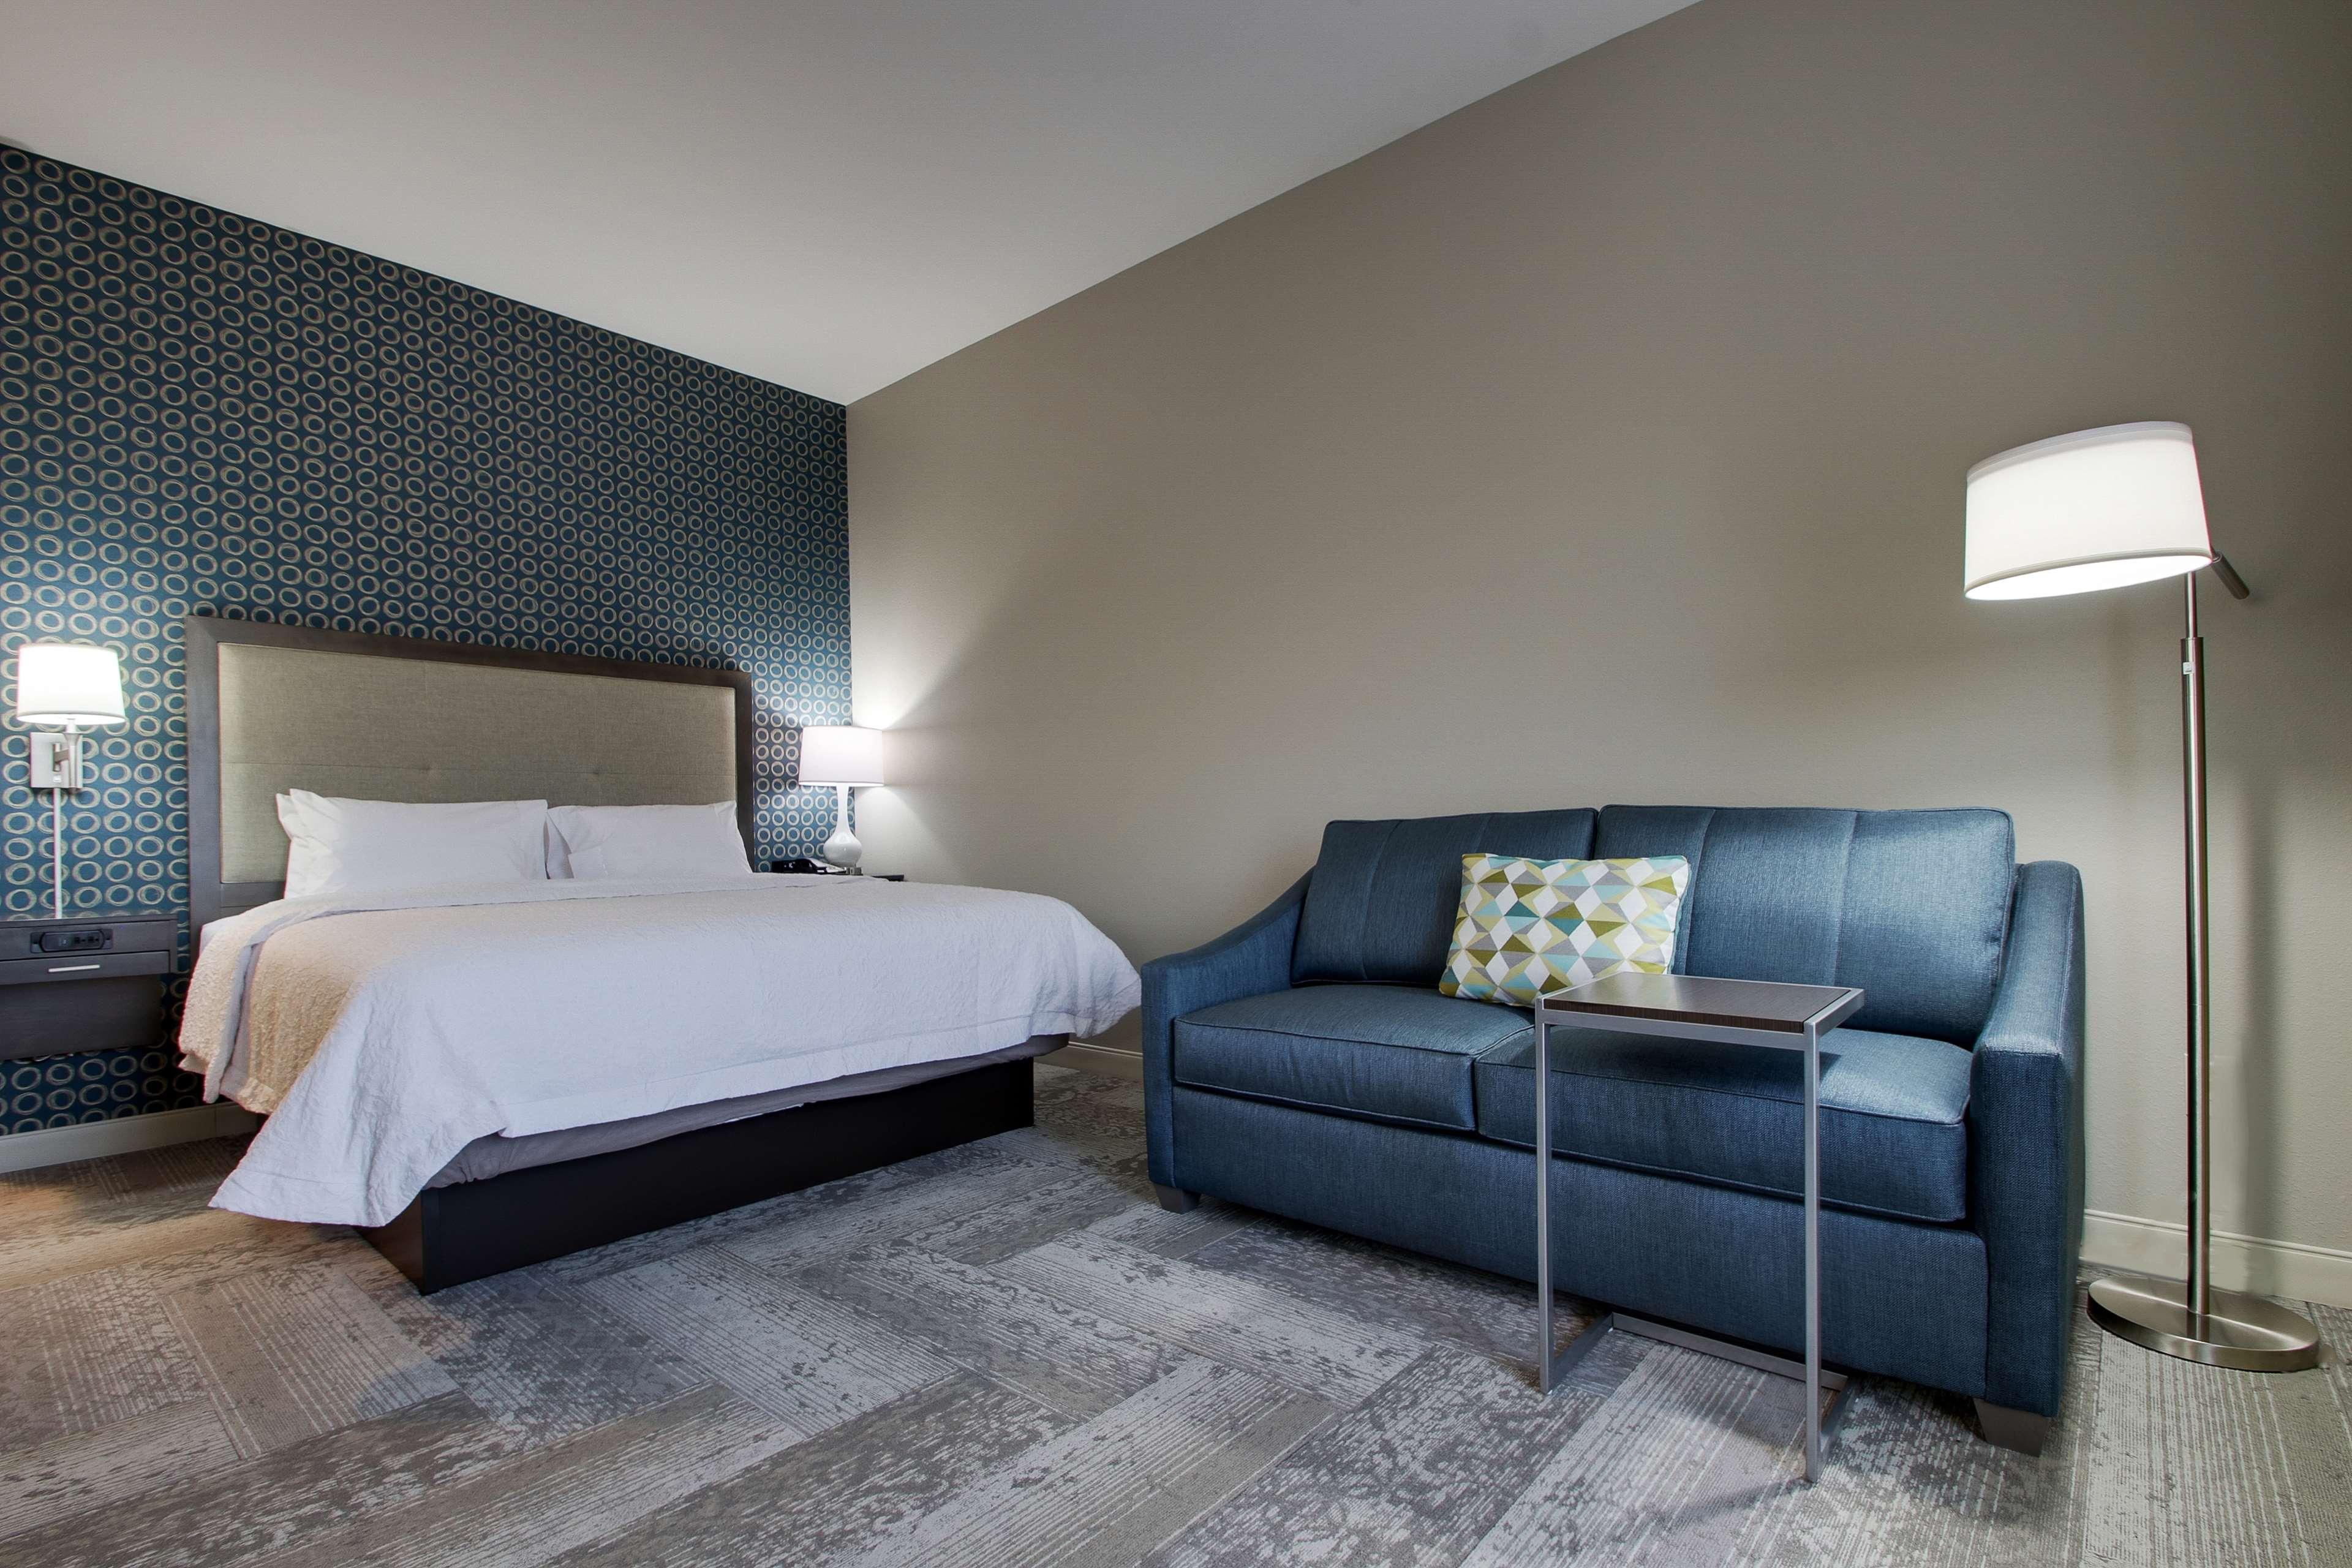 Hampton Inn & Suites Knightdale Raleigh image 26